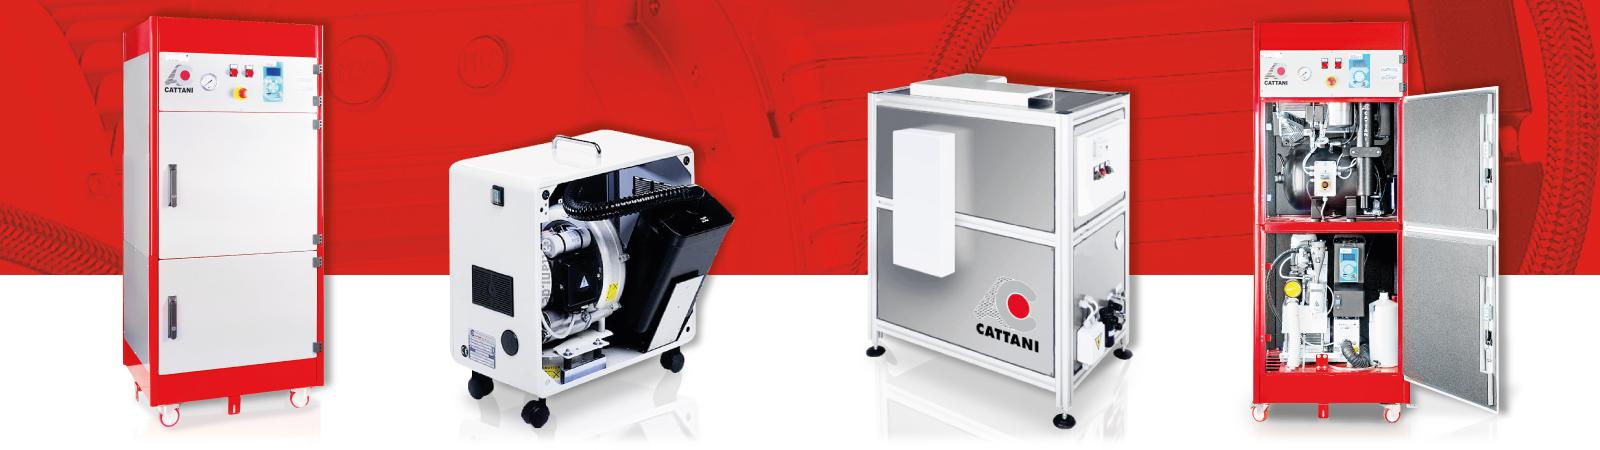 Cattani - Deutschland - Dentalkompressoren und Absauganlagen - Profil